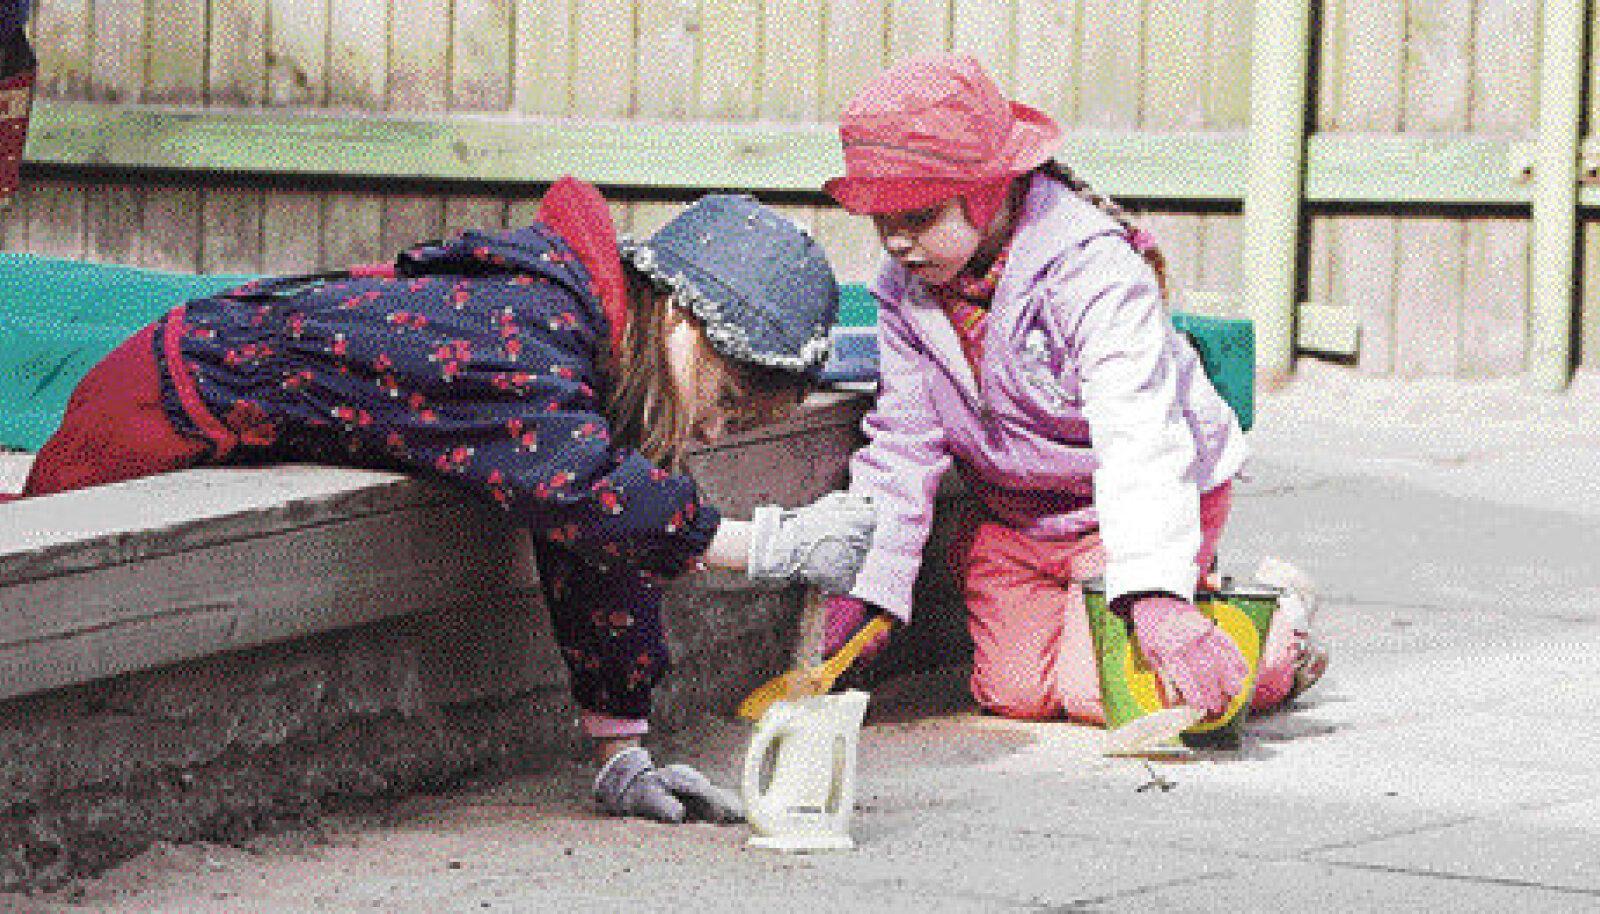 Mäng on väikese inimese töö. Uues seaduse järgi võib kohus määrata, mida laps veel tegema peab.